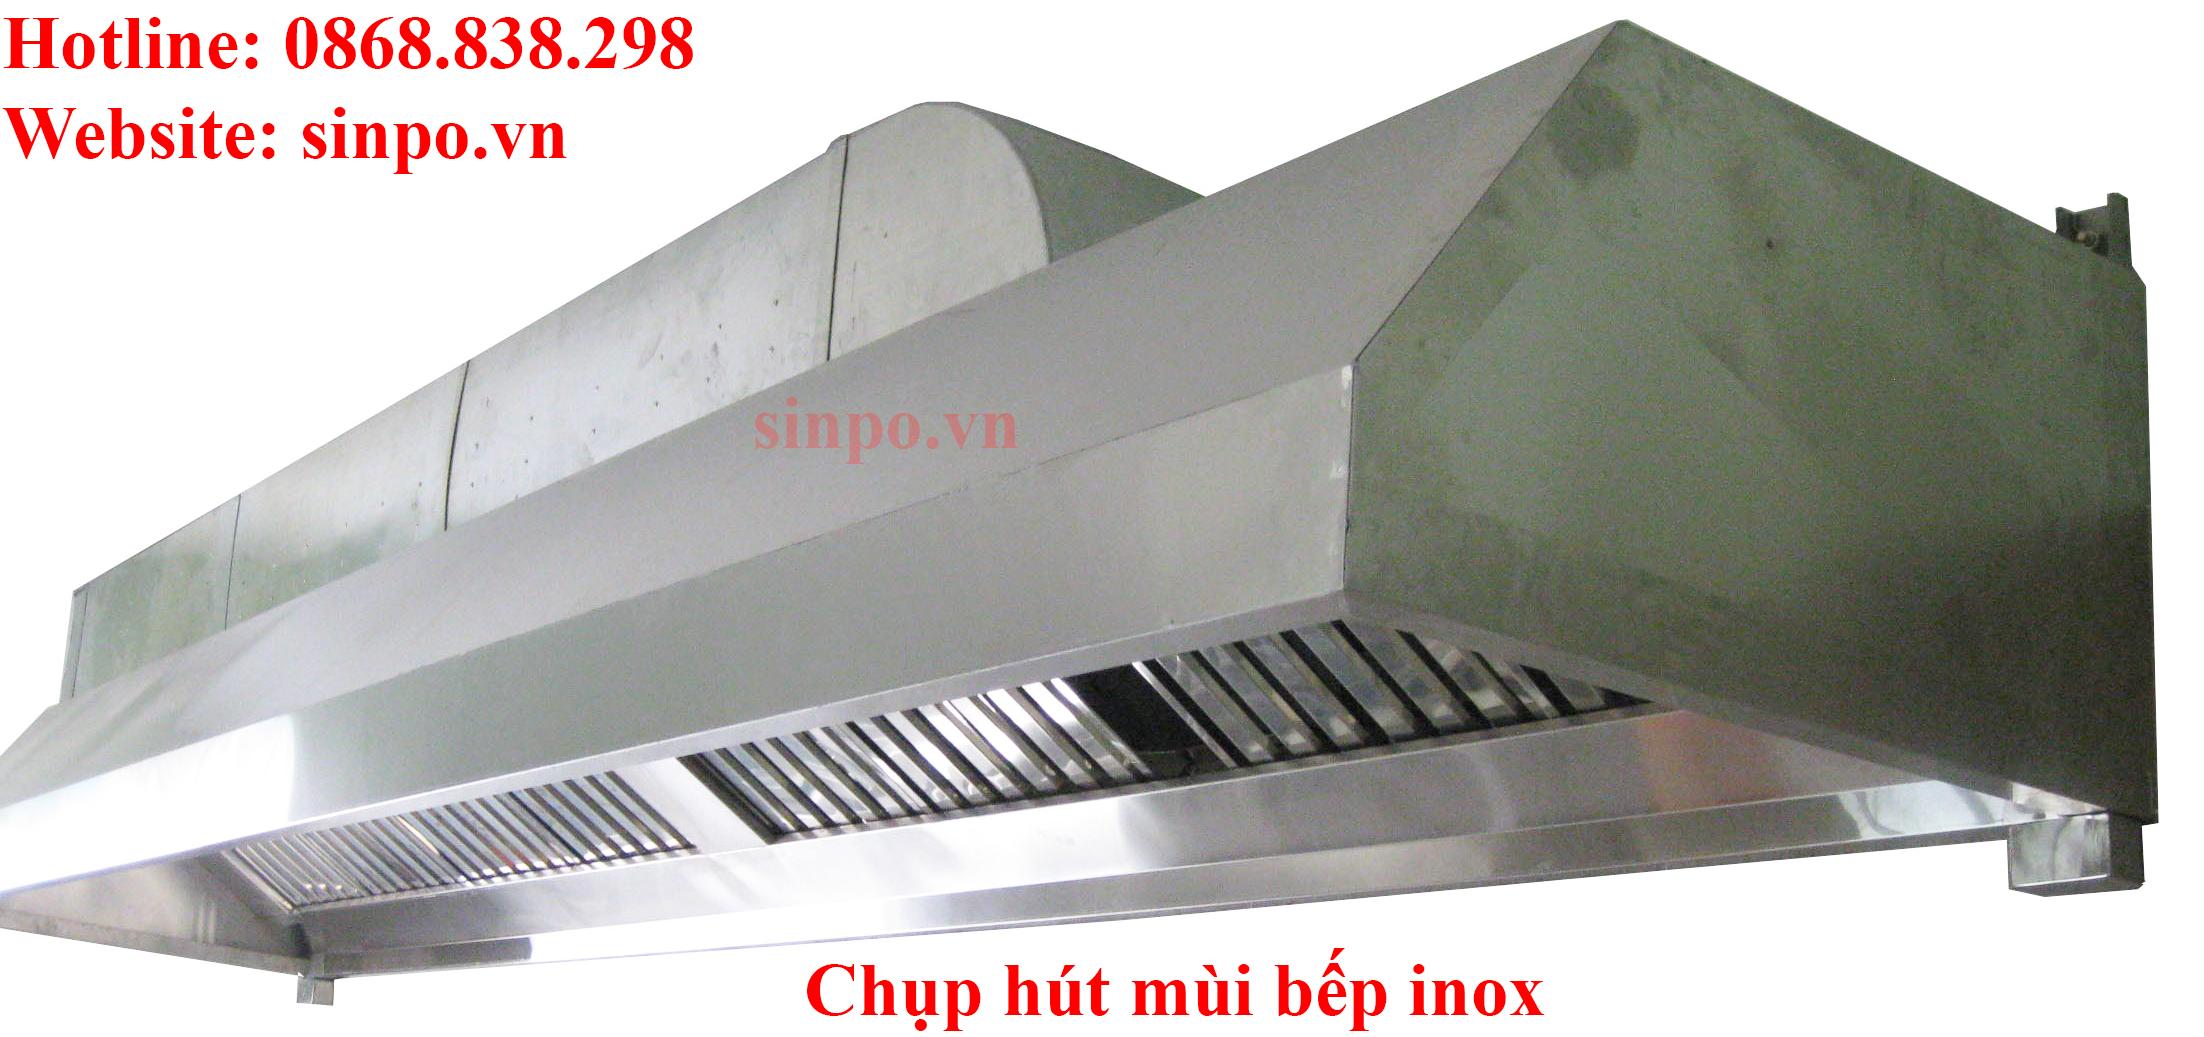 Chụp hút mùi bếp inox